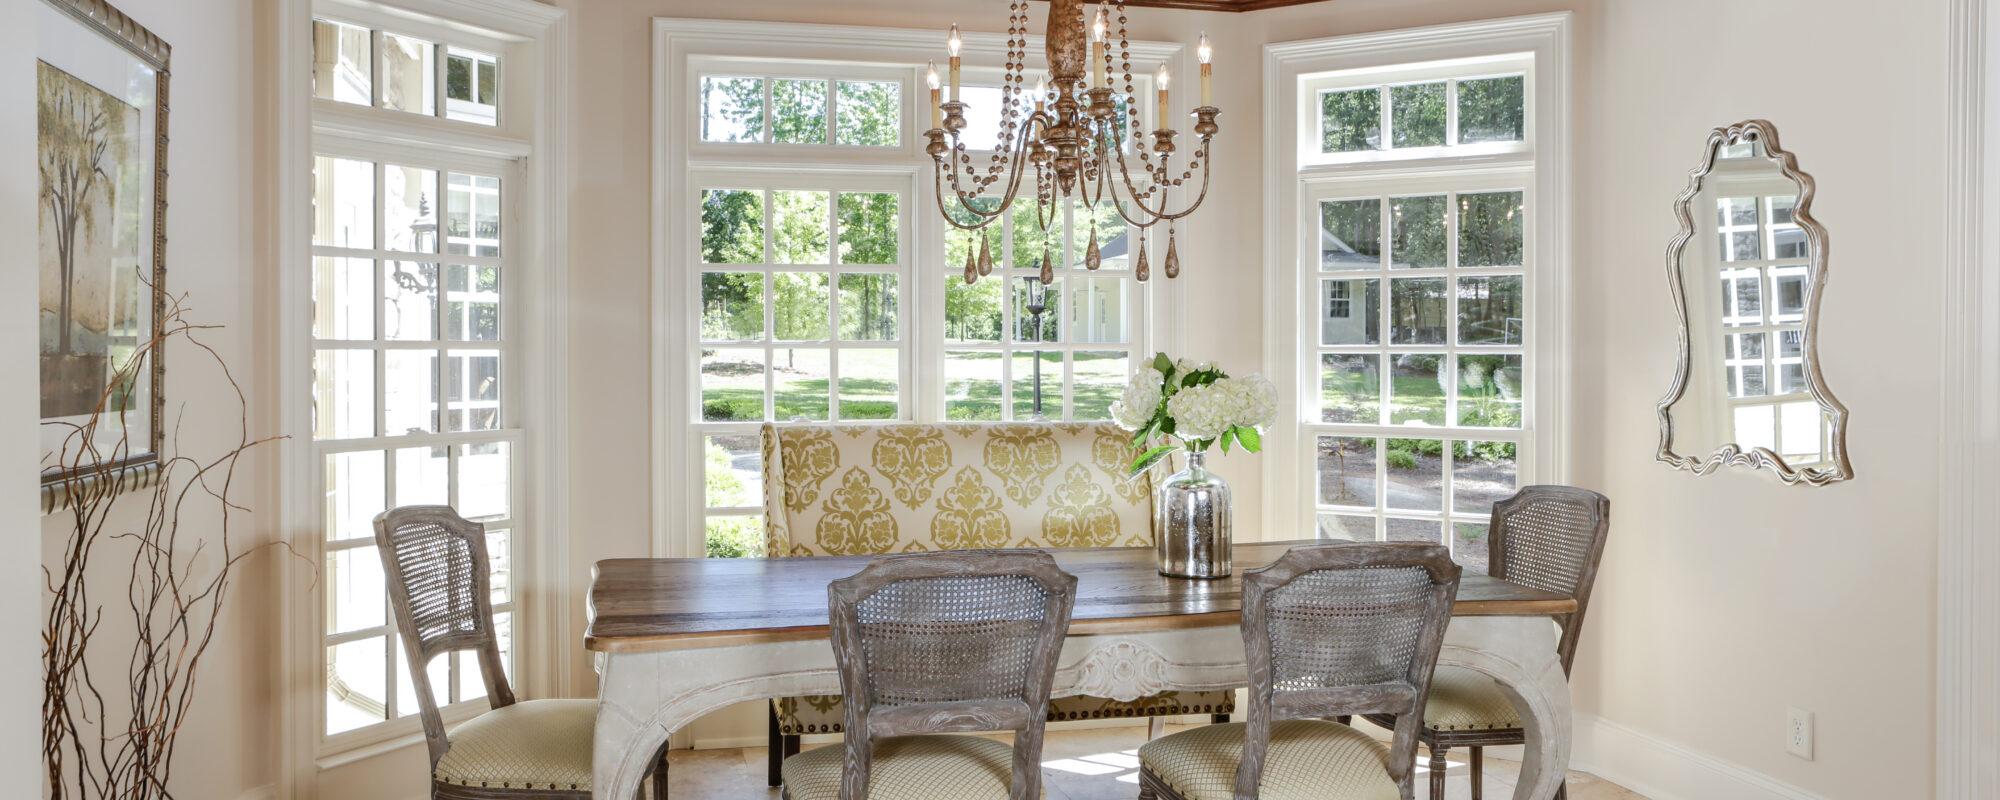 Dining by Valerie Garrett Interior Design